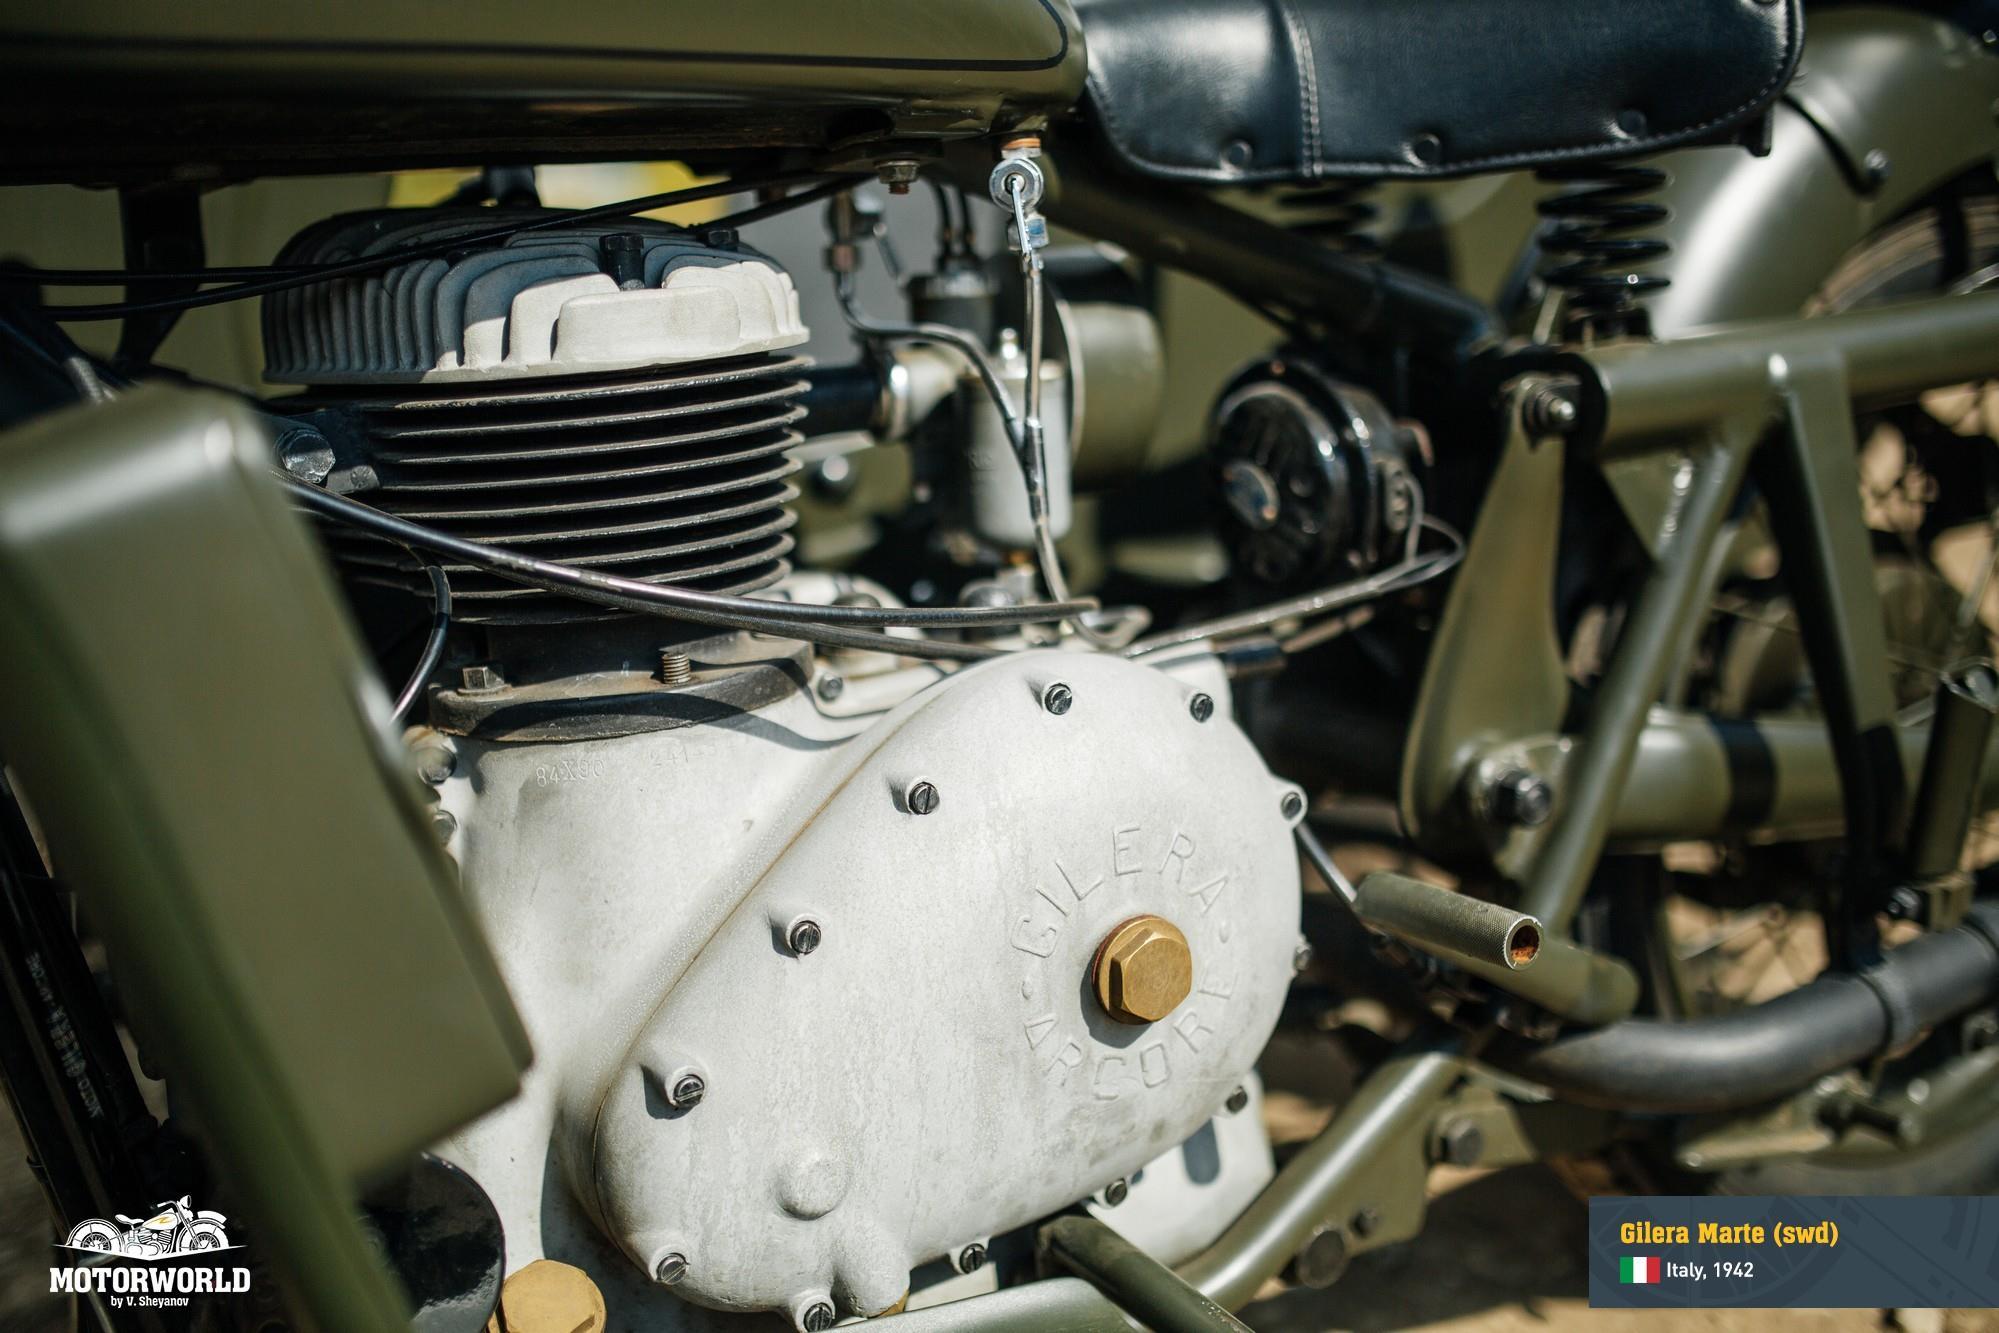 Gilera marte 10 - Marş basıyor ama motor çalışmıyorsa